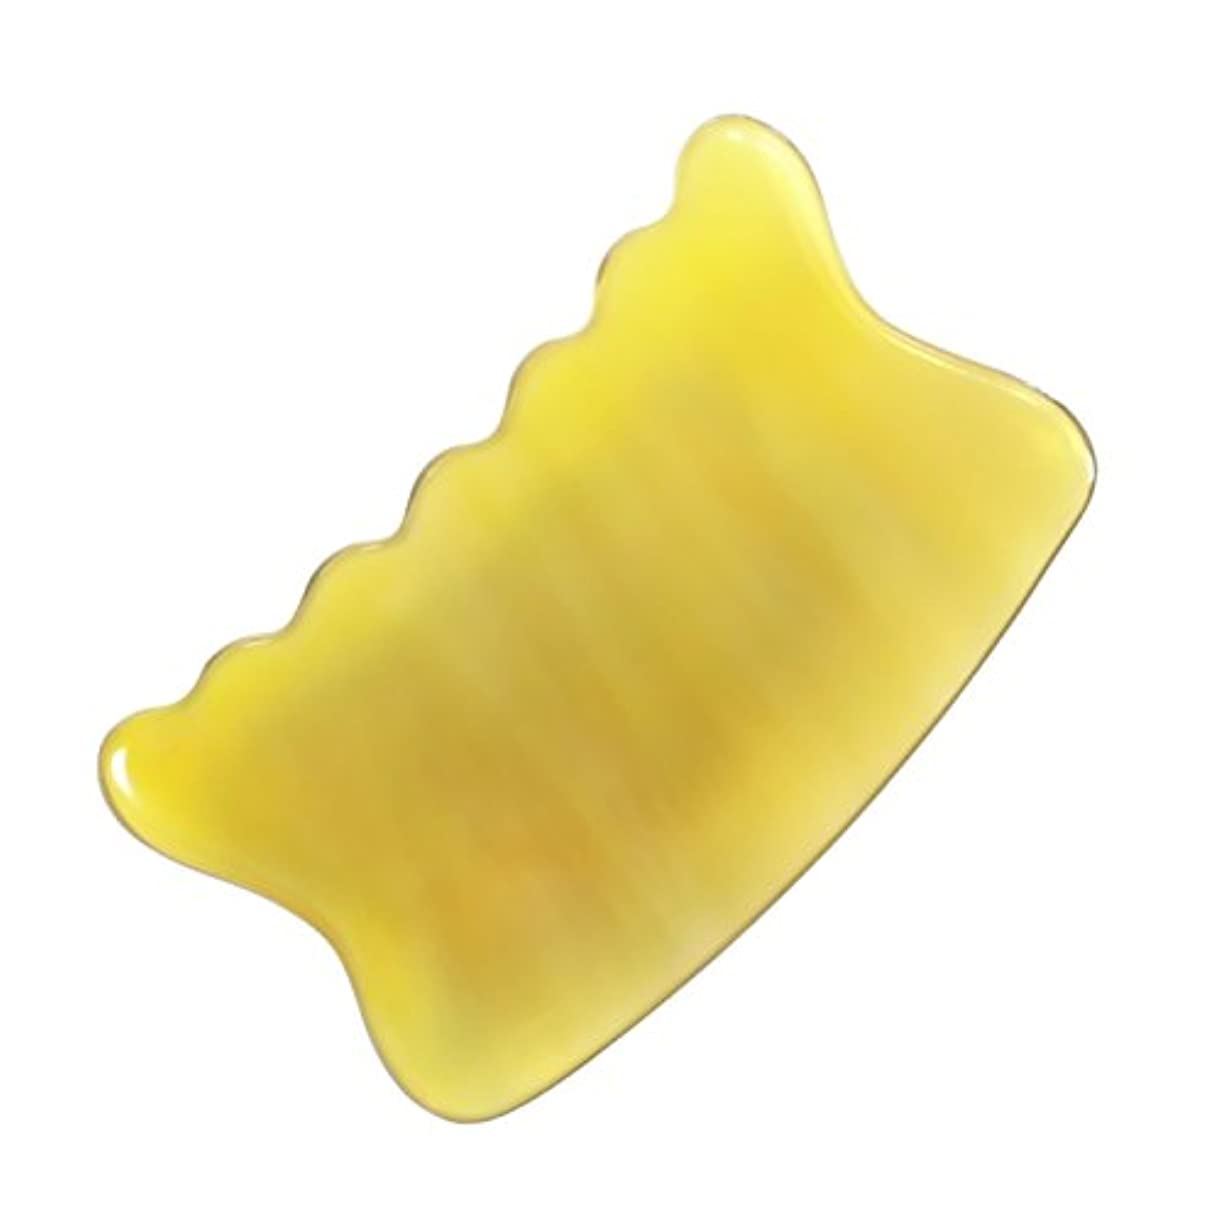 メールダーツ不十分かっさ プレート 希少68 黄水牛角 極美品 曲波型